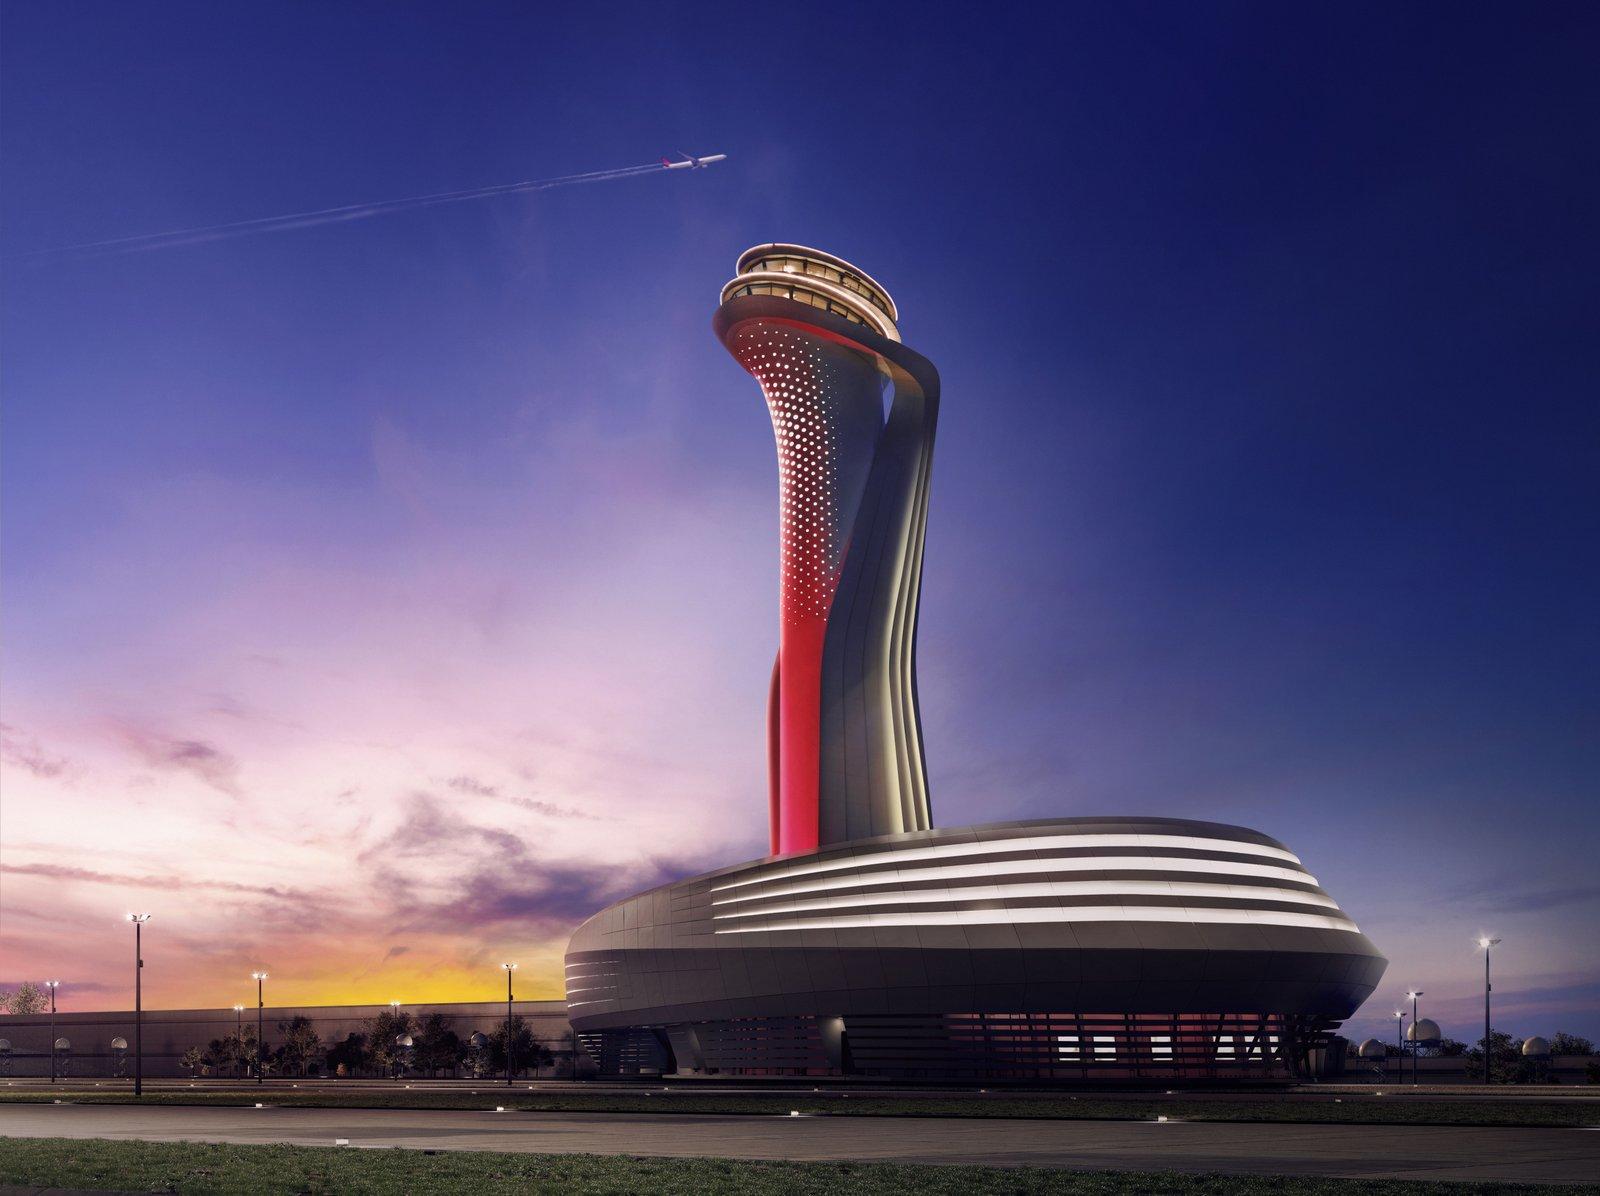 Aman Merkel duymasın! İstanbul Havalimanı ilk oldu...